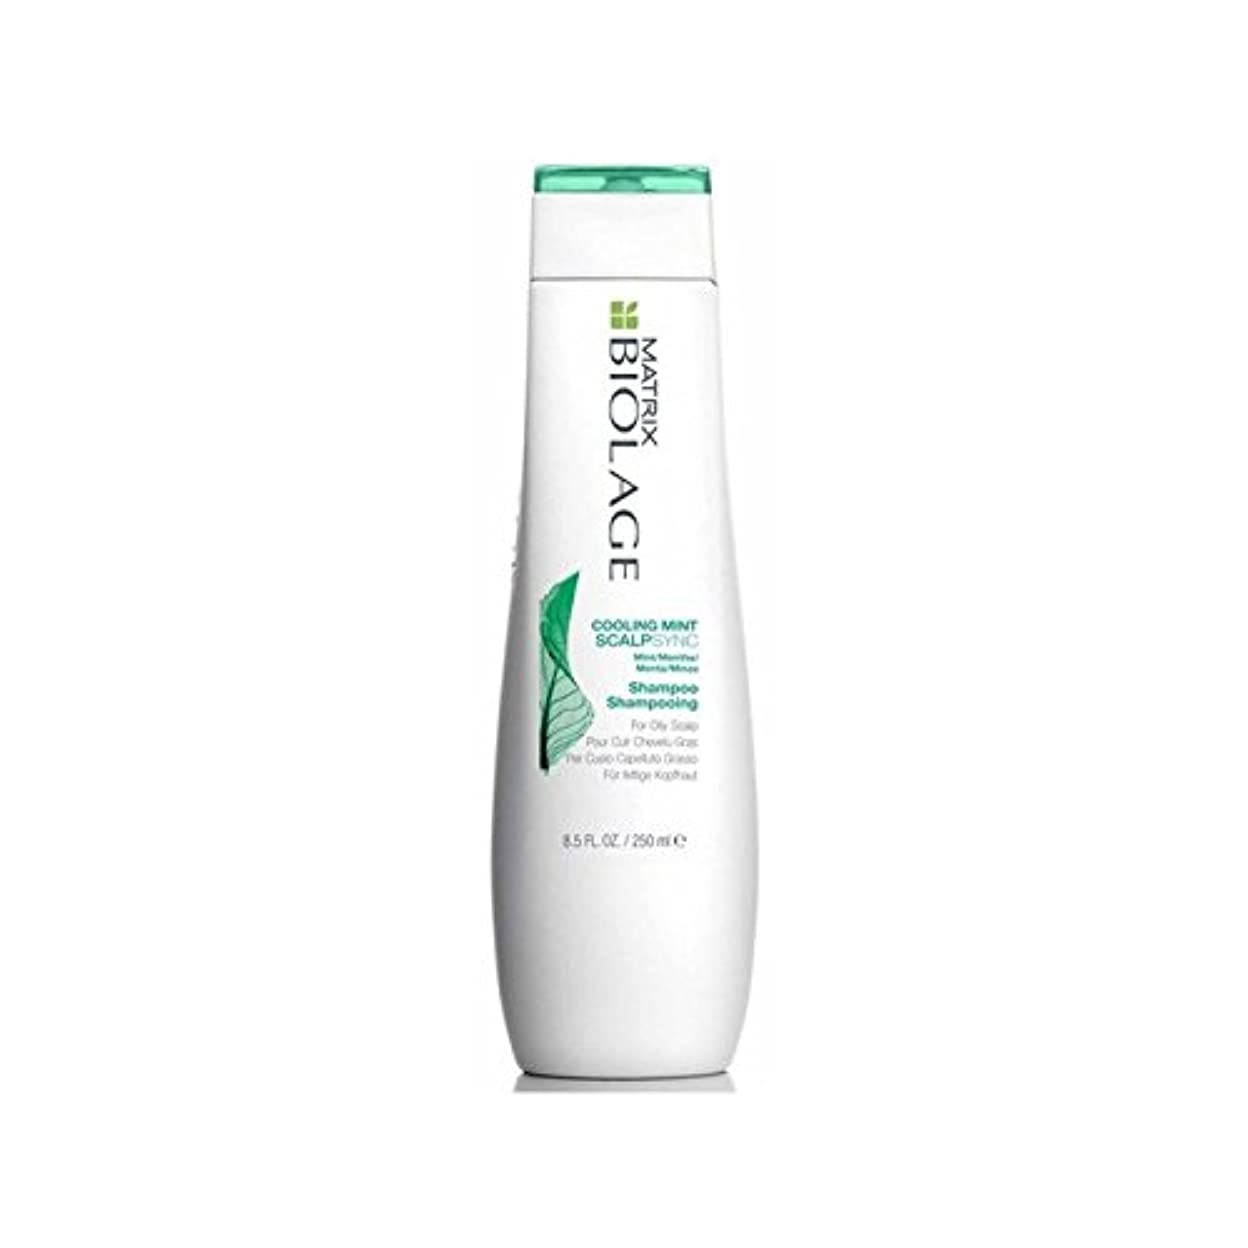 先行する電話に出るアクセスMatrix Biolage Scalptherapie Scalp Cooling Mint Shampoo (250ml) (Pack of 6) - ミントシャンプー(250ミリリットル)を冷却マトリックスバイオレイジ...